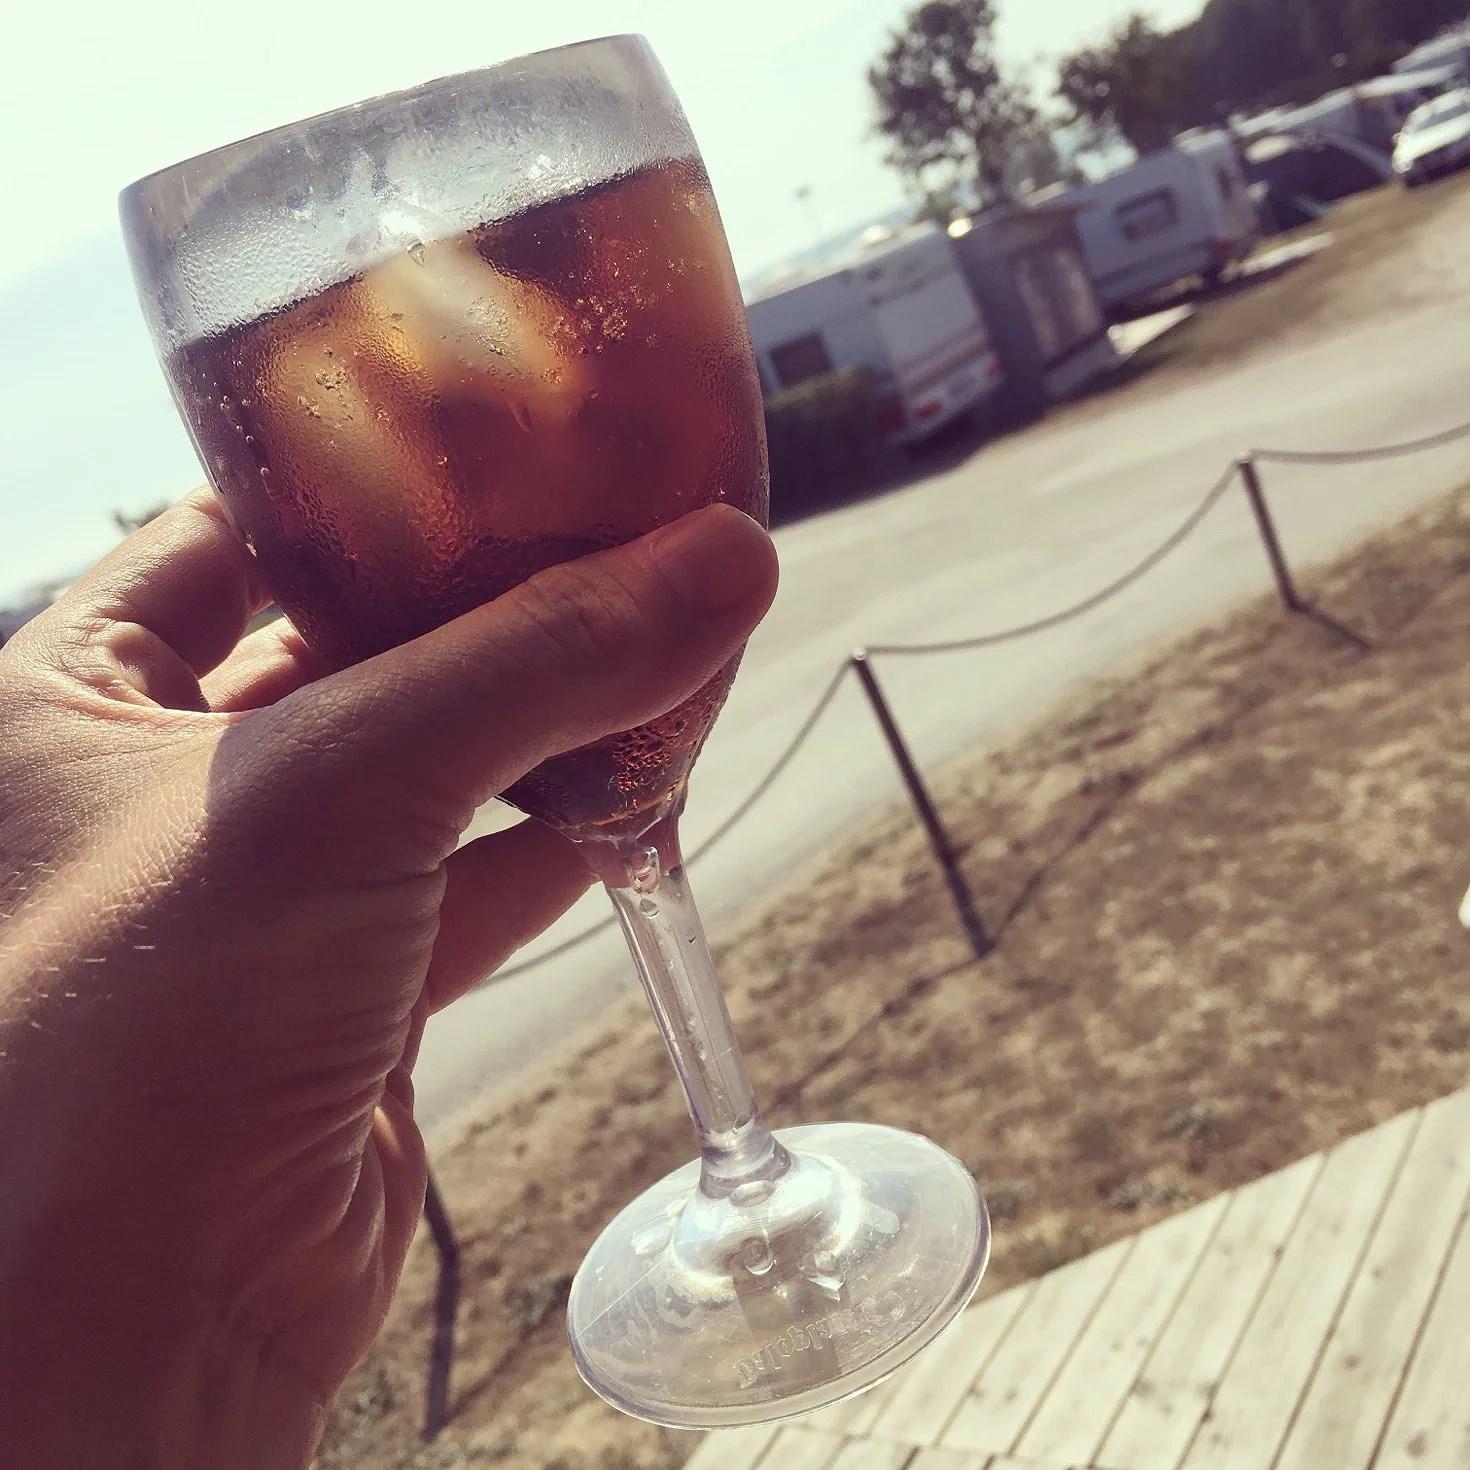 Is och cola funkar😅